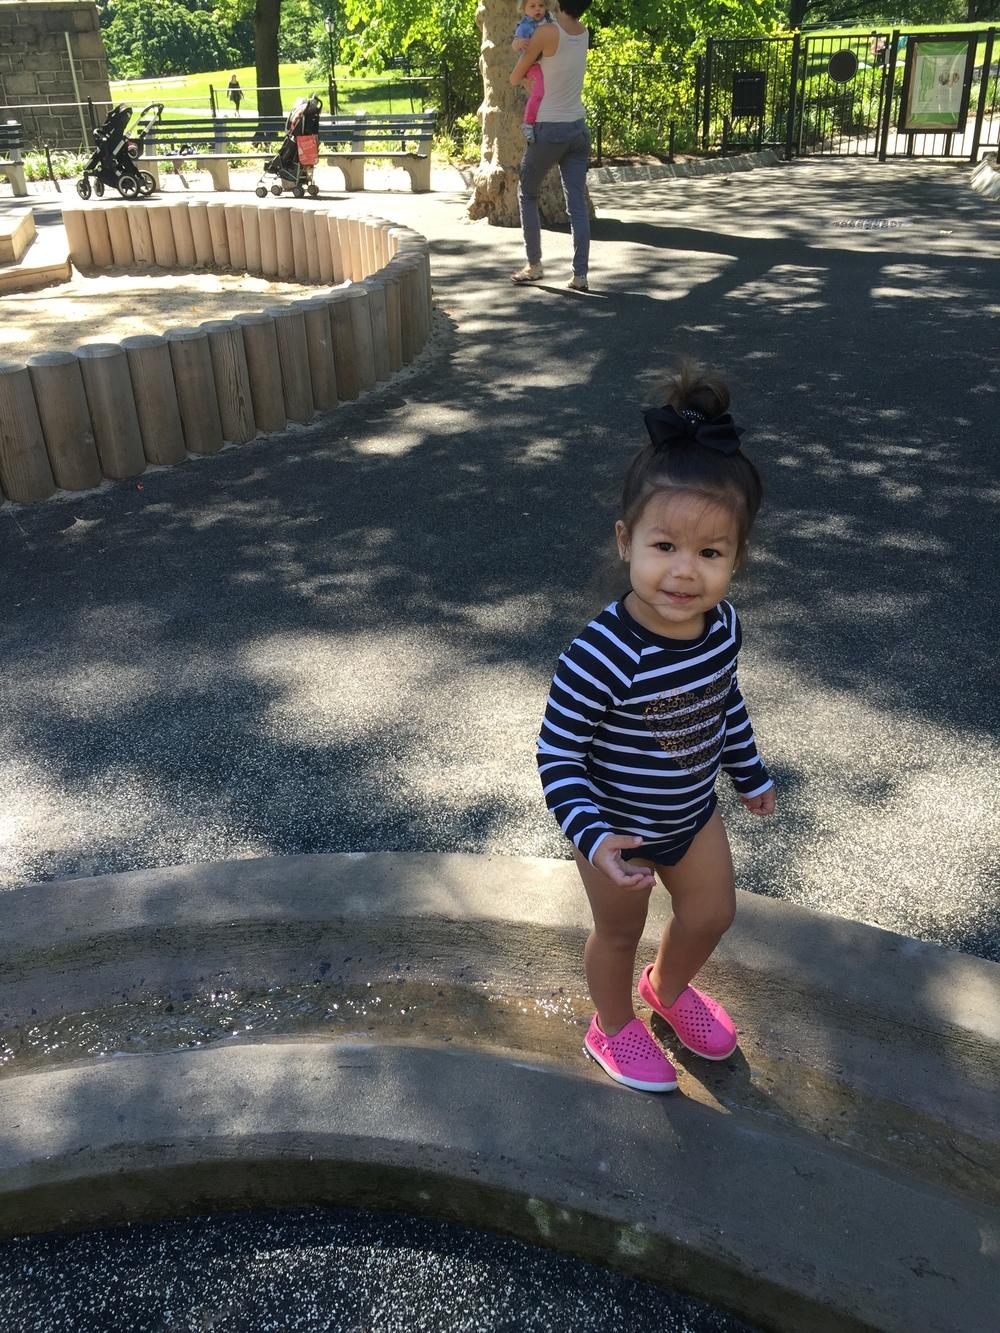 Wild West Playground